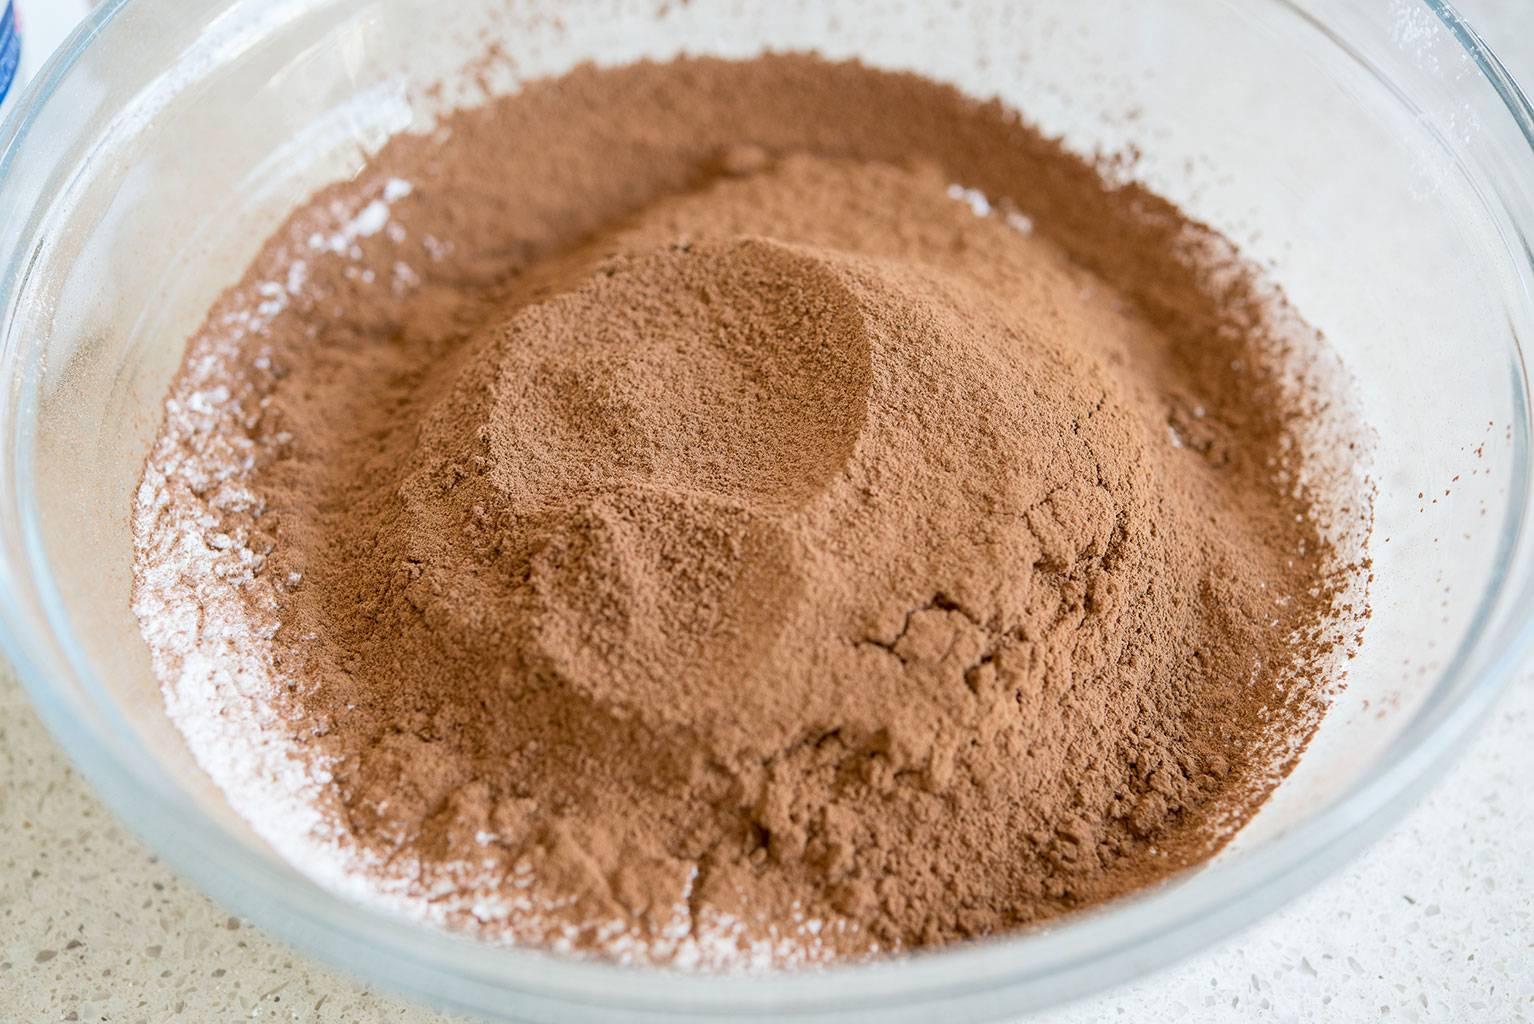 Шоколад из какао и молока домашний рецепт с фото пошагово и видео - 1000.menu